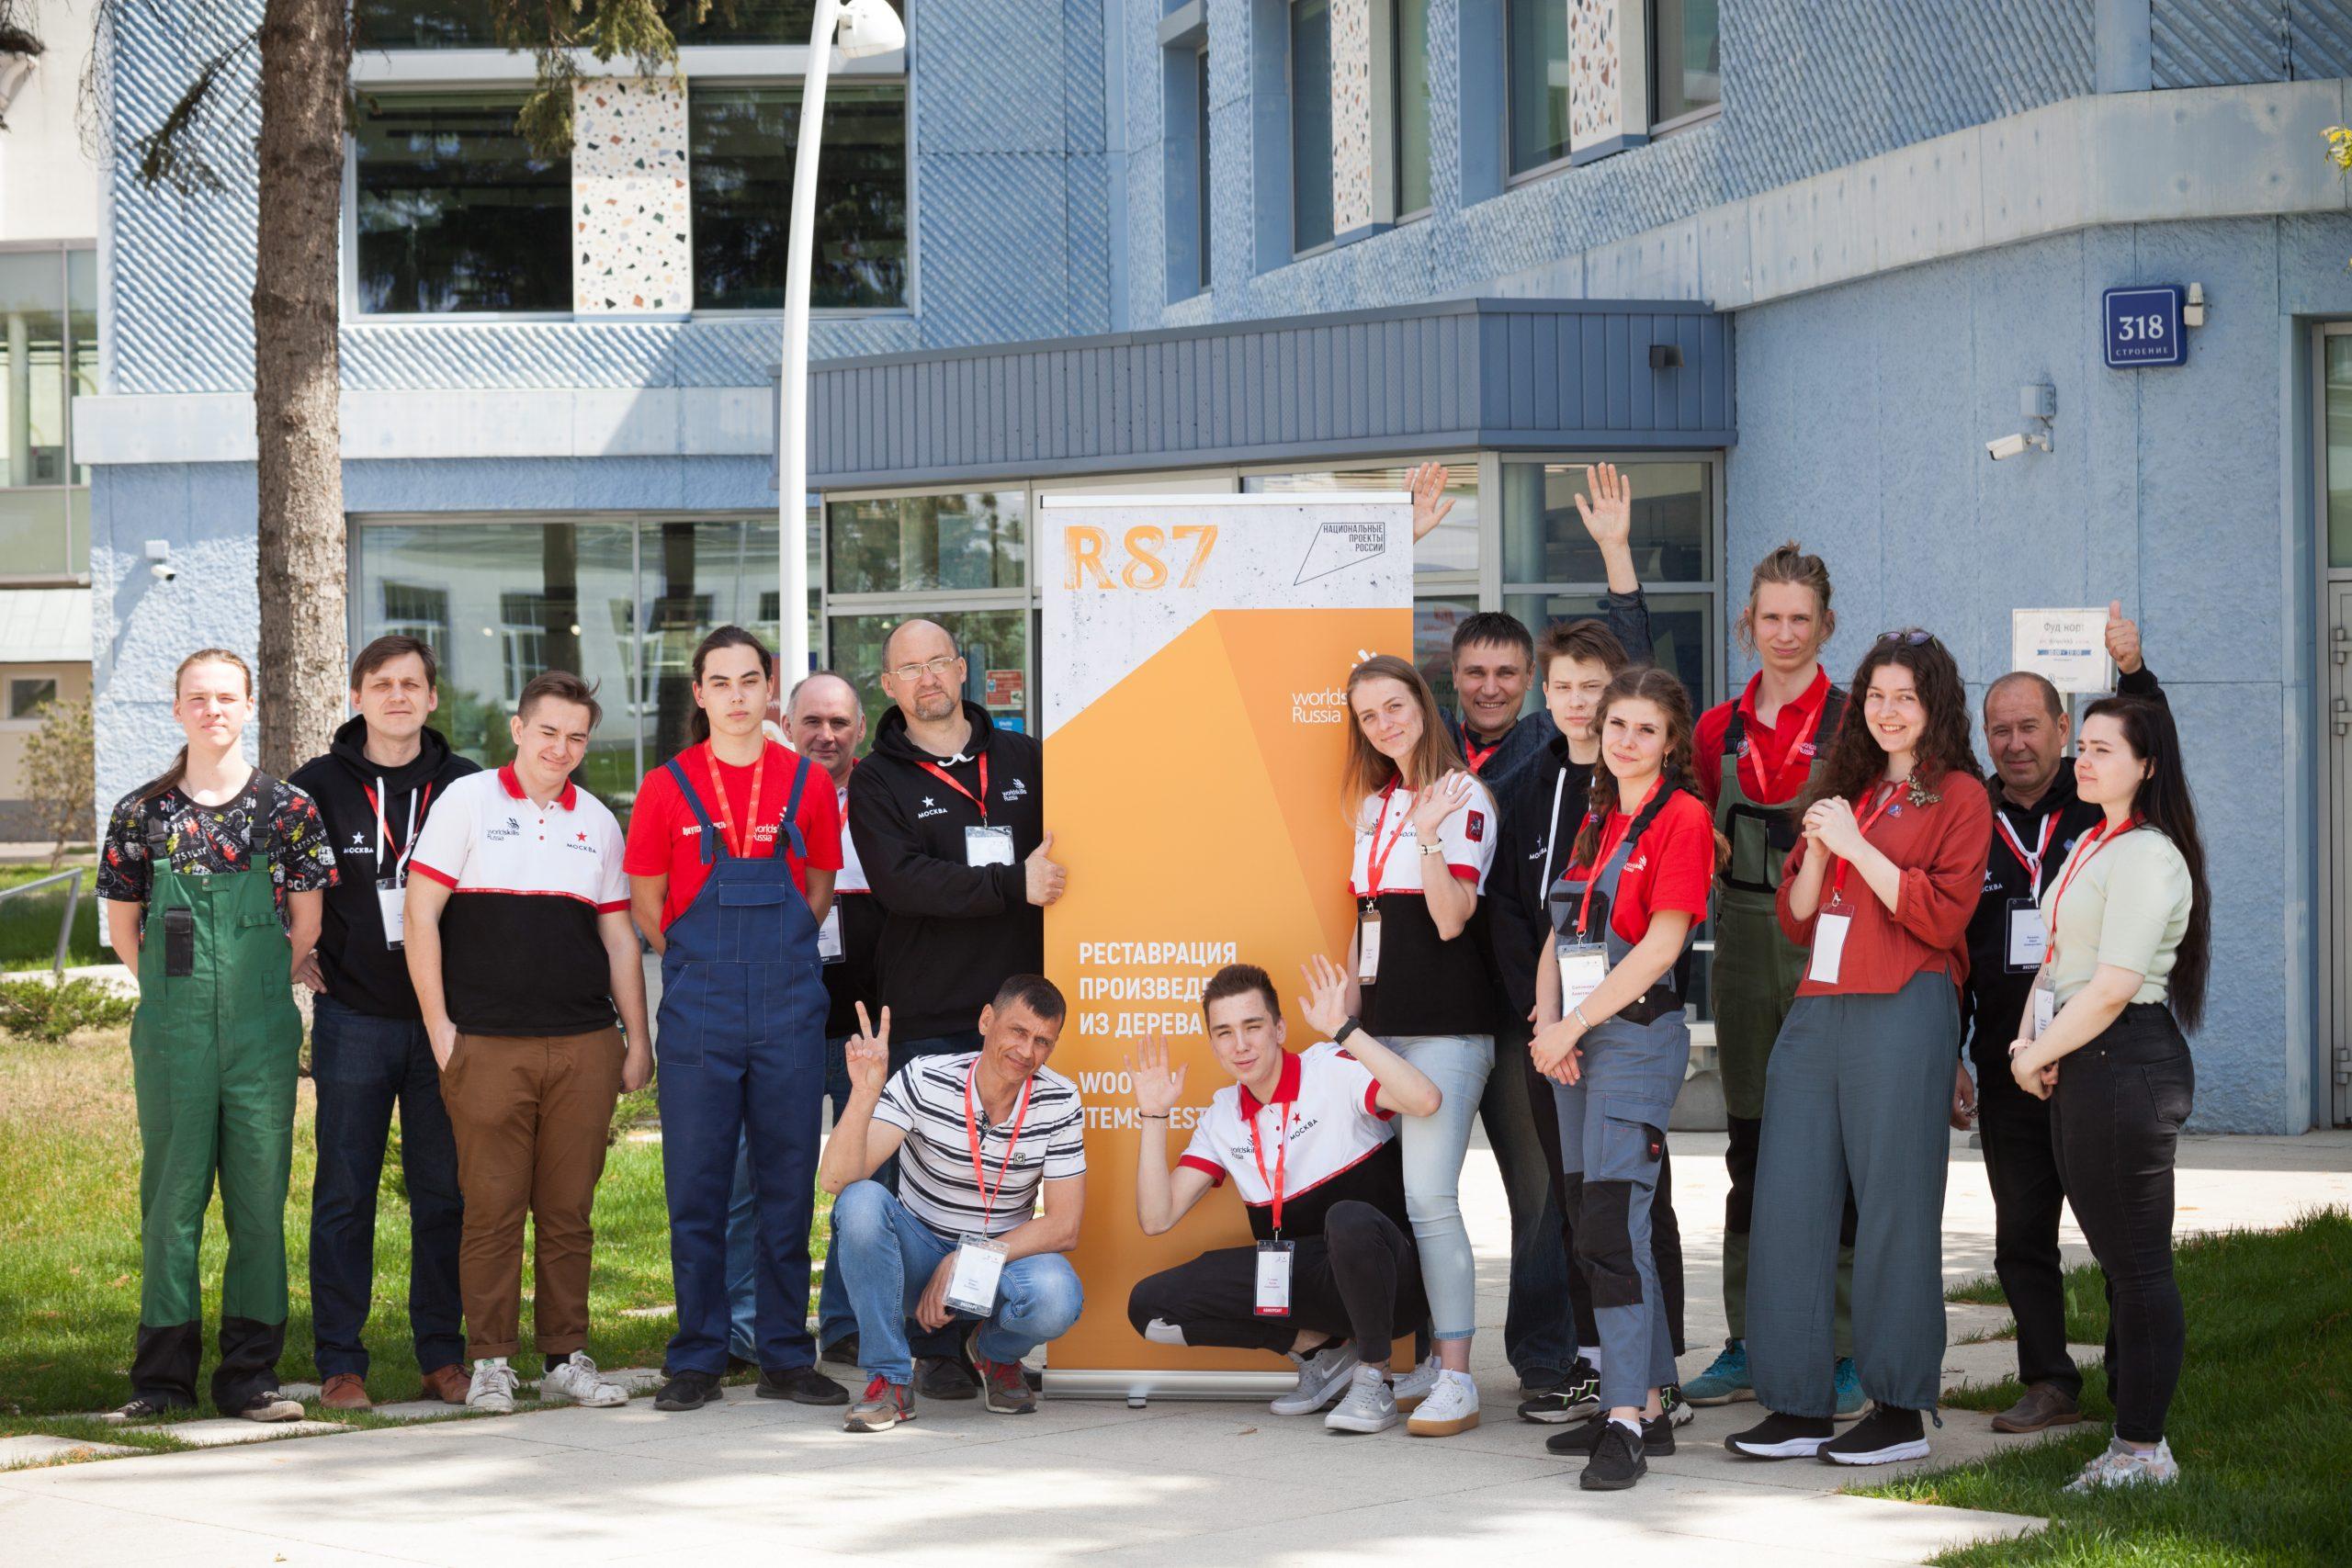 Студенты-реставраторы из Москвы стали лучшими в чемпионате WorldSkills